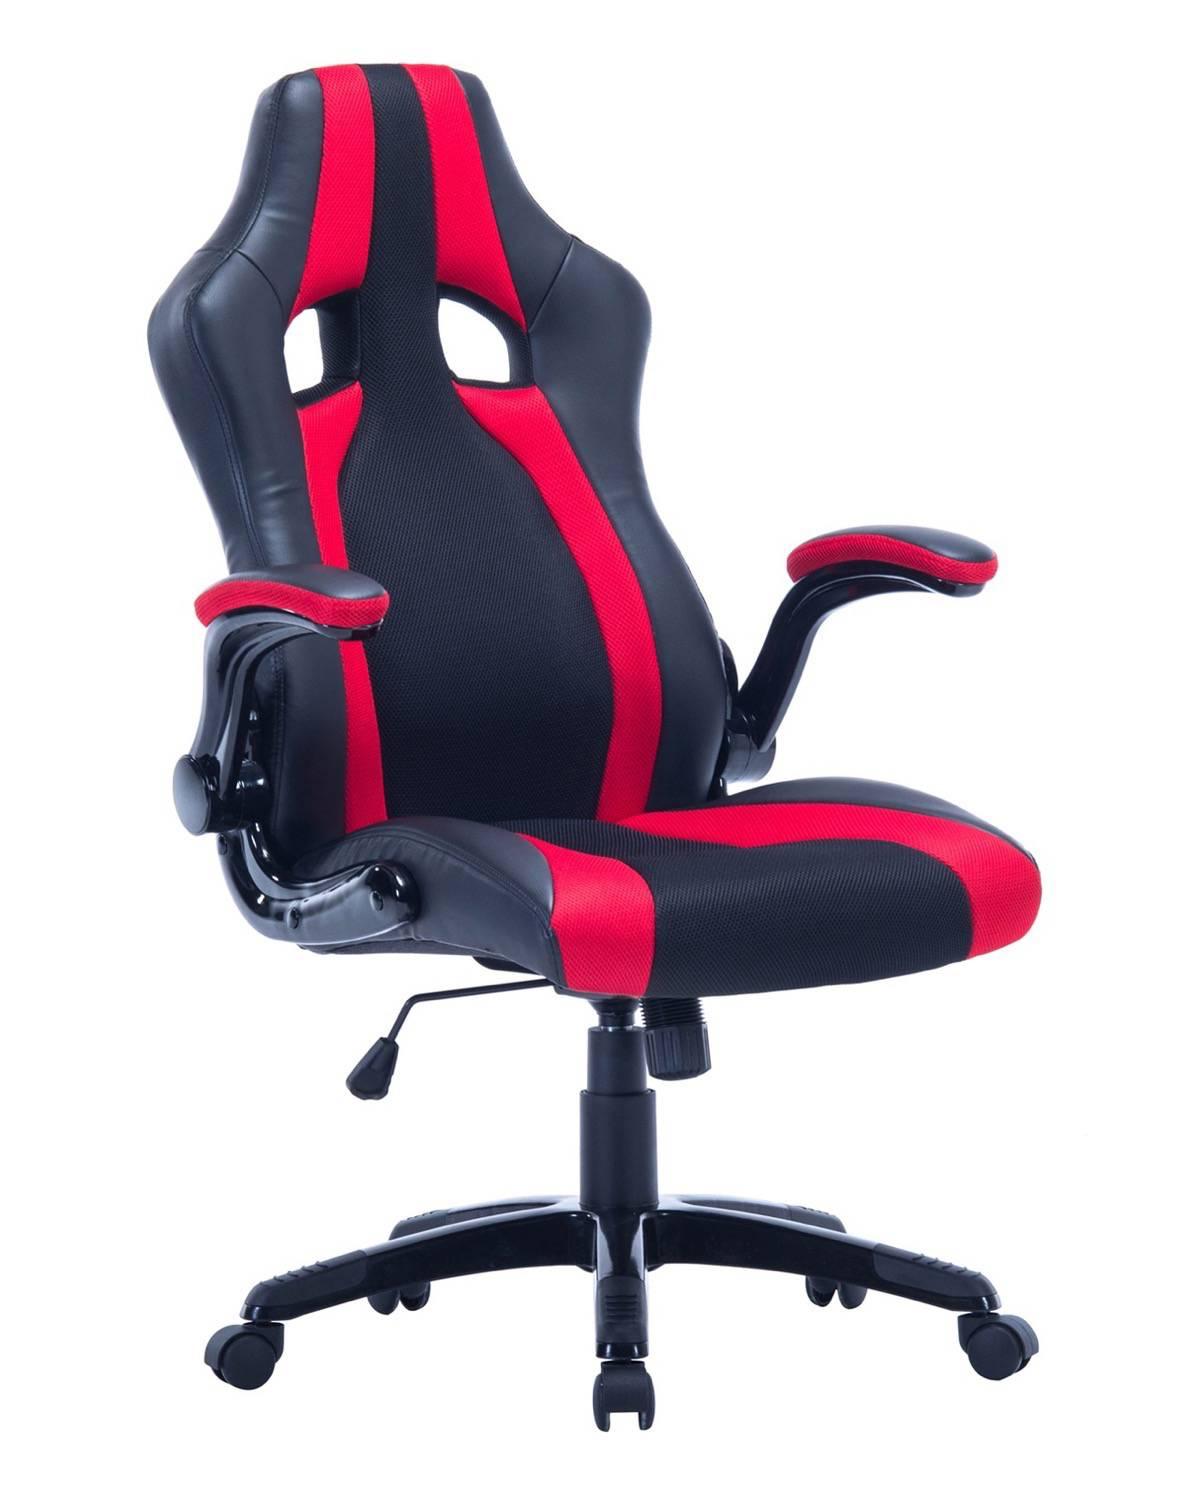 chaise bureau sport fauteuil racing siege baquet rouge